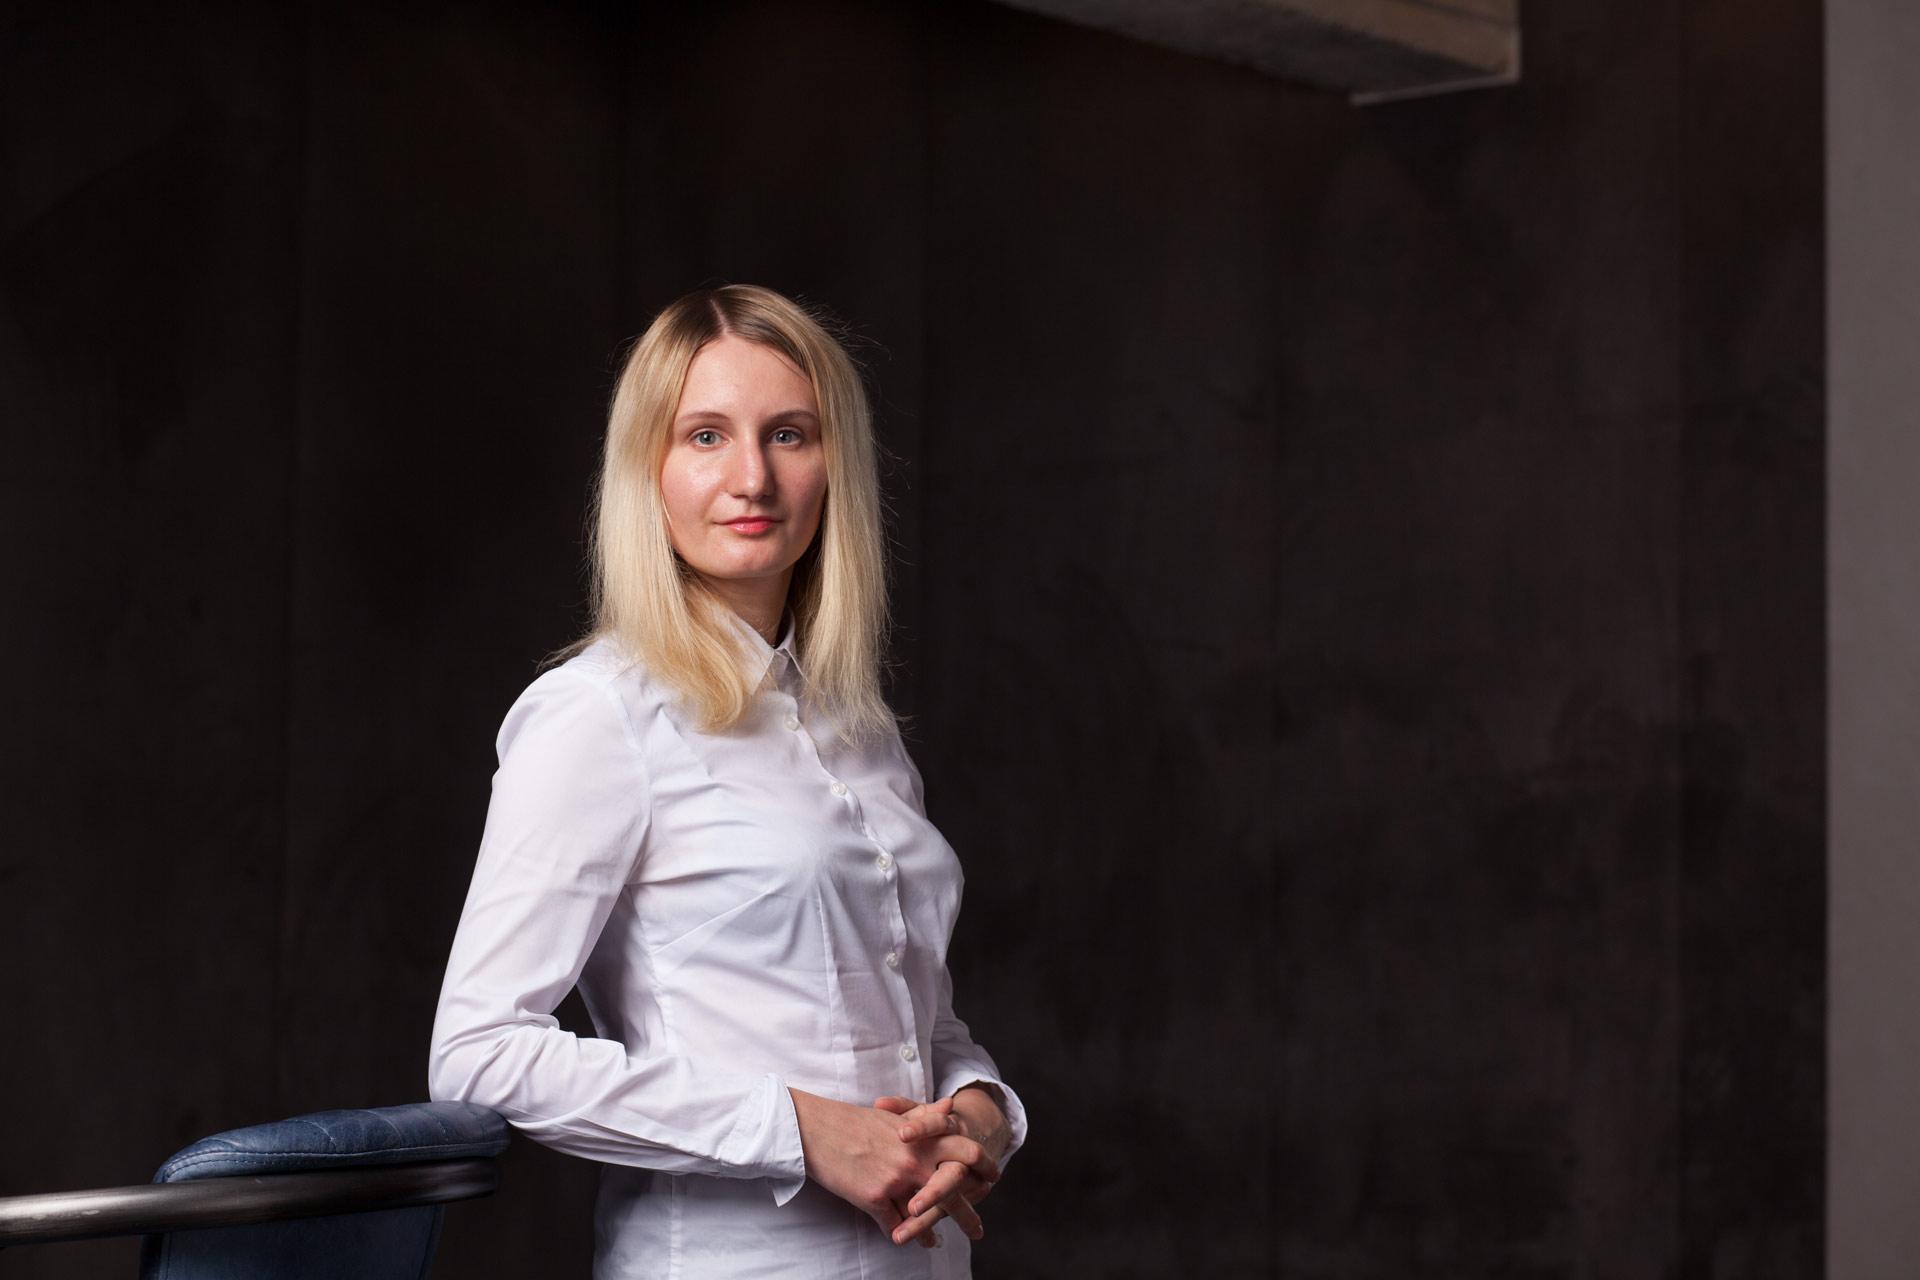 Мария Широкова – эксперт по SMM, руководитель проектов агентства Интериум